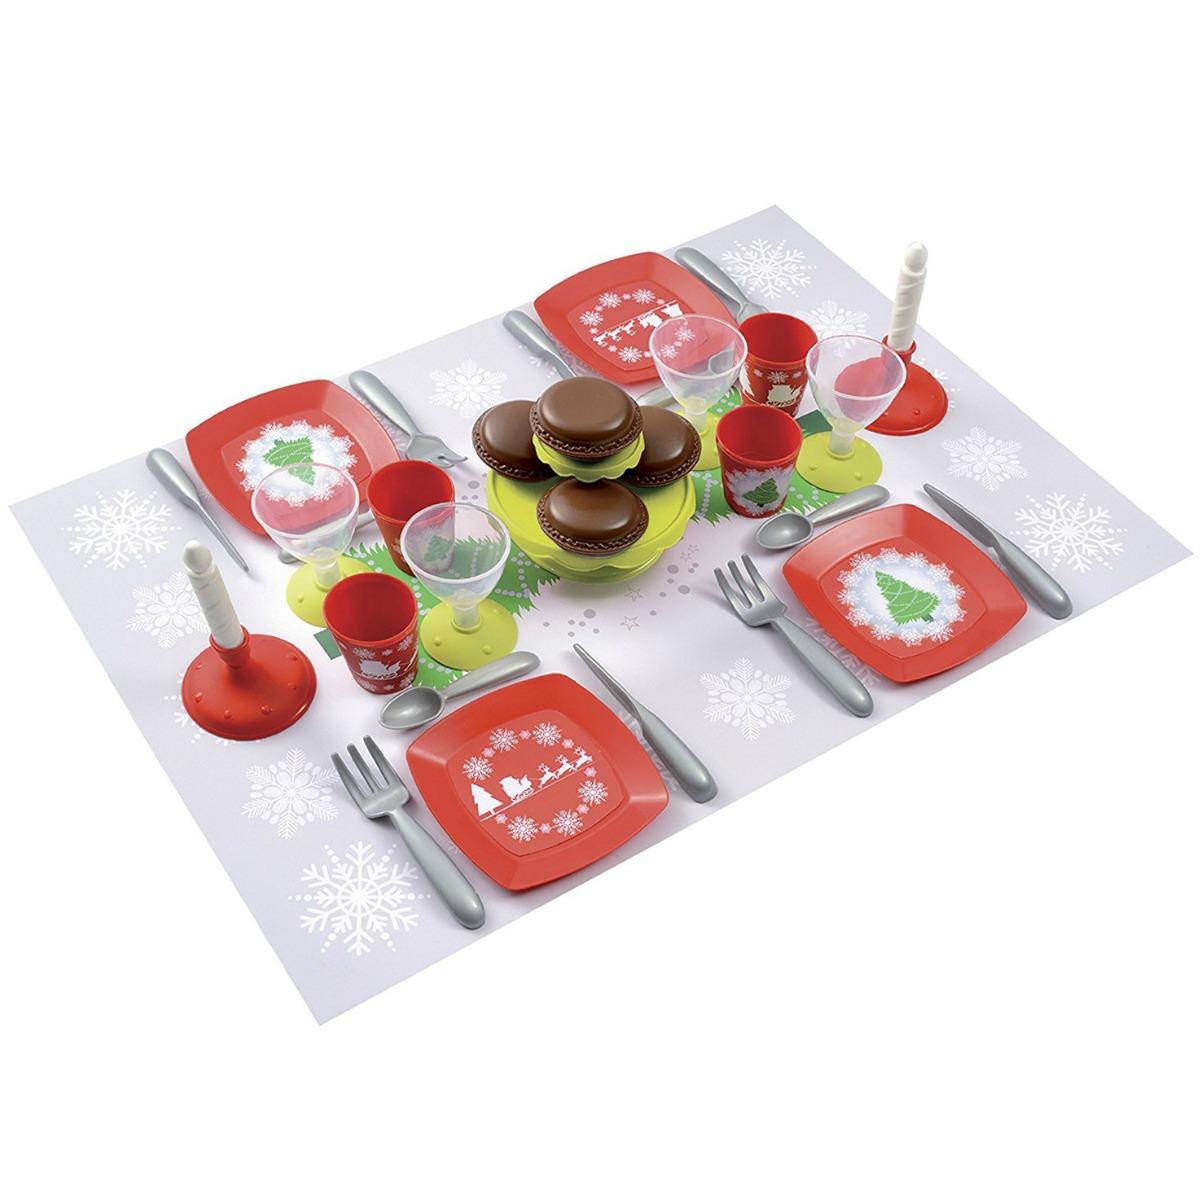 Набор посудки из серии С Новым Годом, 24 предметаАксессуары и техника для детской кухни<br>Набор посудки из серии С Новым Годом, 24 предмета<br>